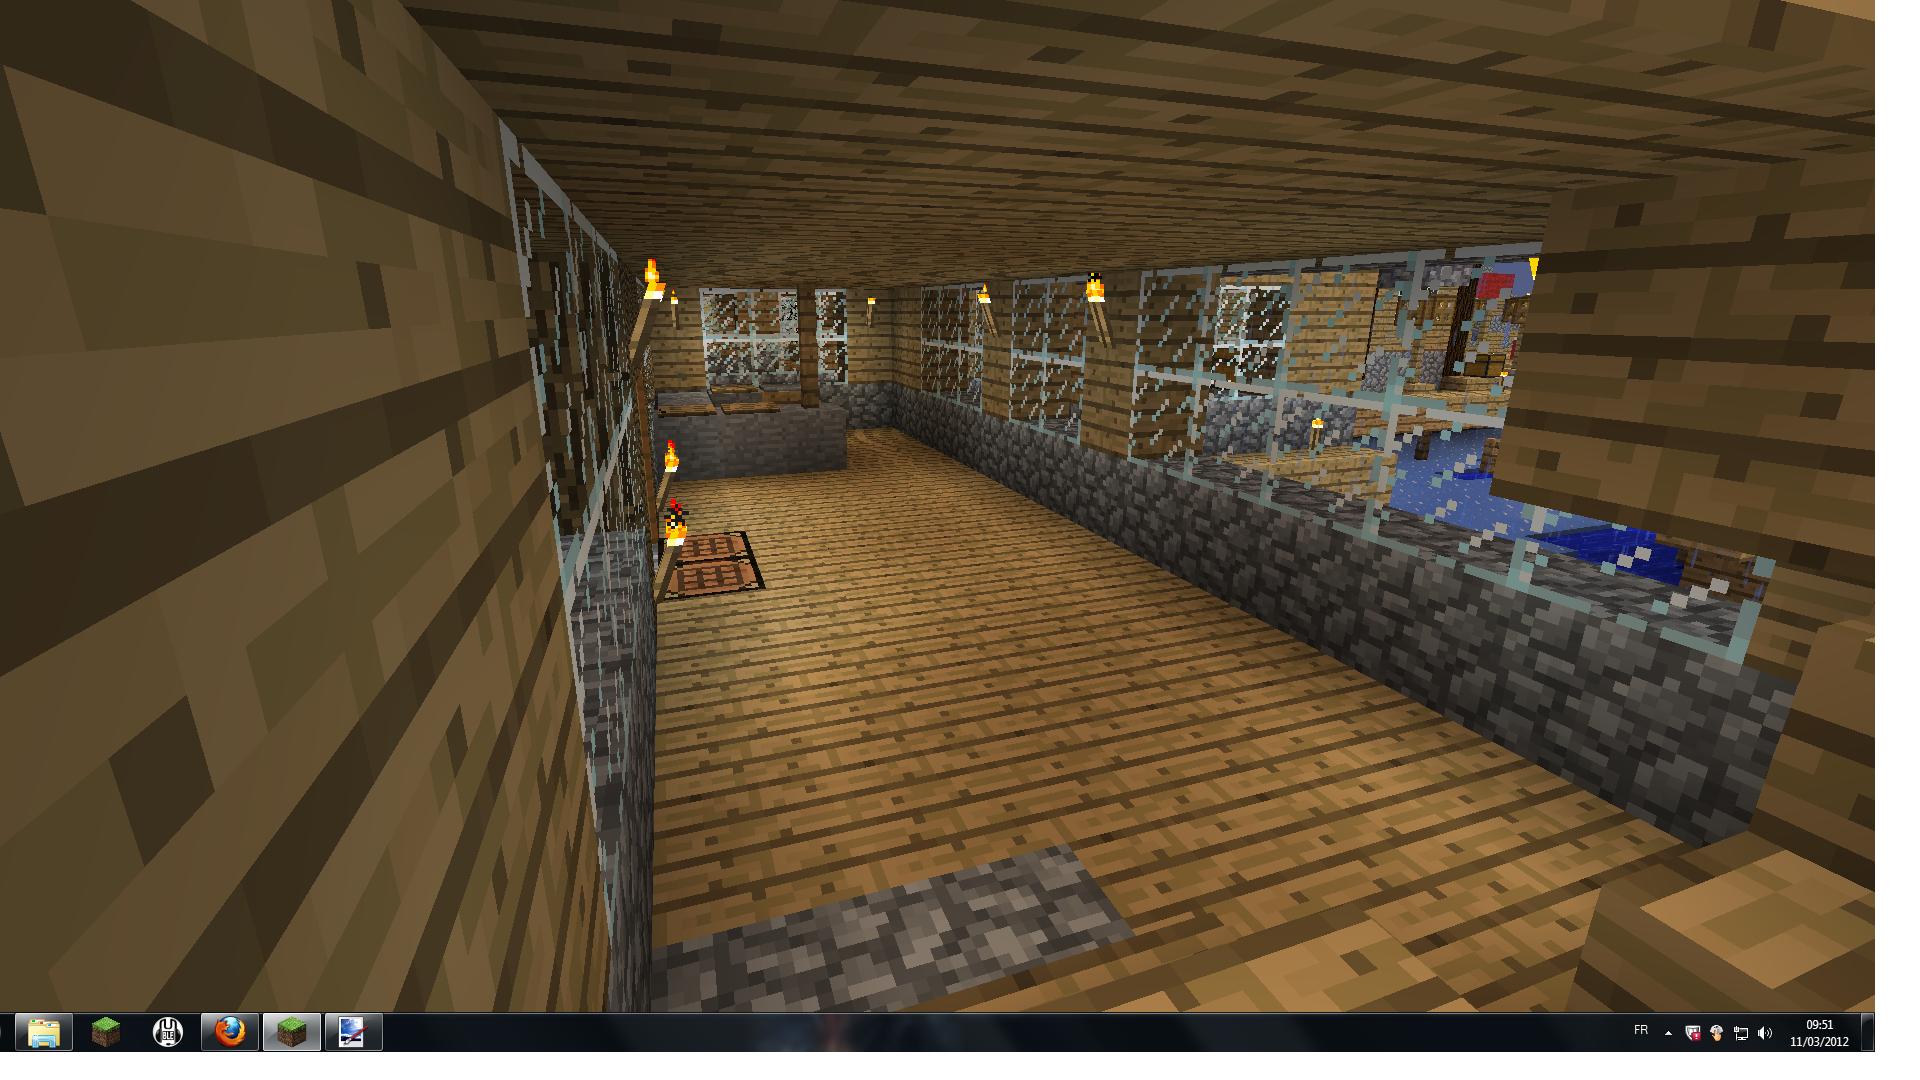 Des Idées De Deco Pour Cette Maison Sur Le Forum Minecraft